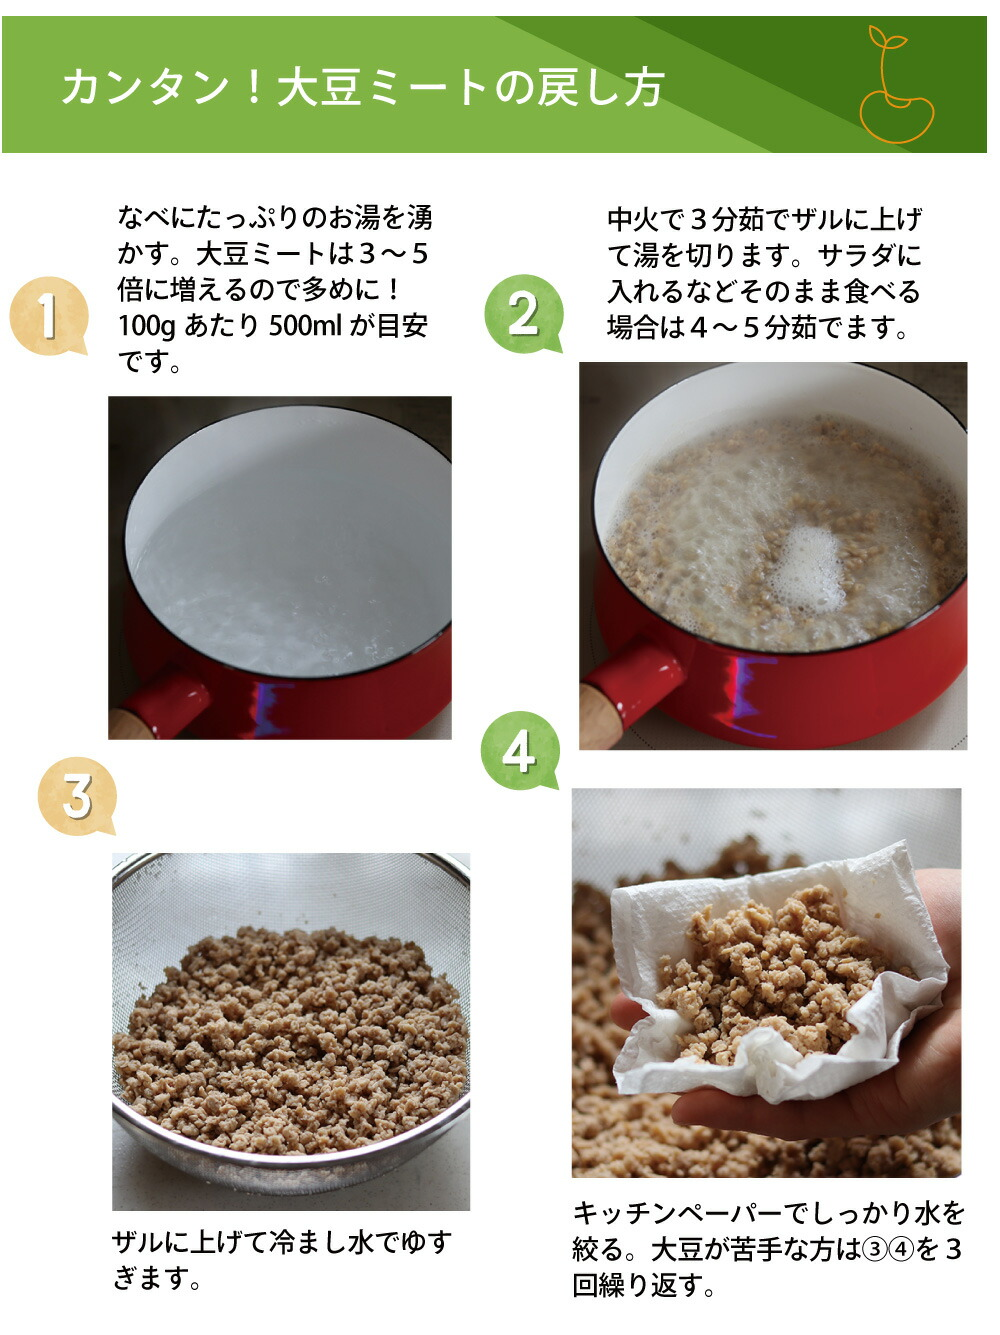 北海道産 国産大豆ミート 粗挽き ひき肉タイプ 戻し方